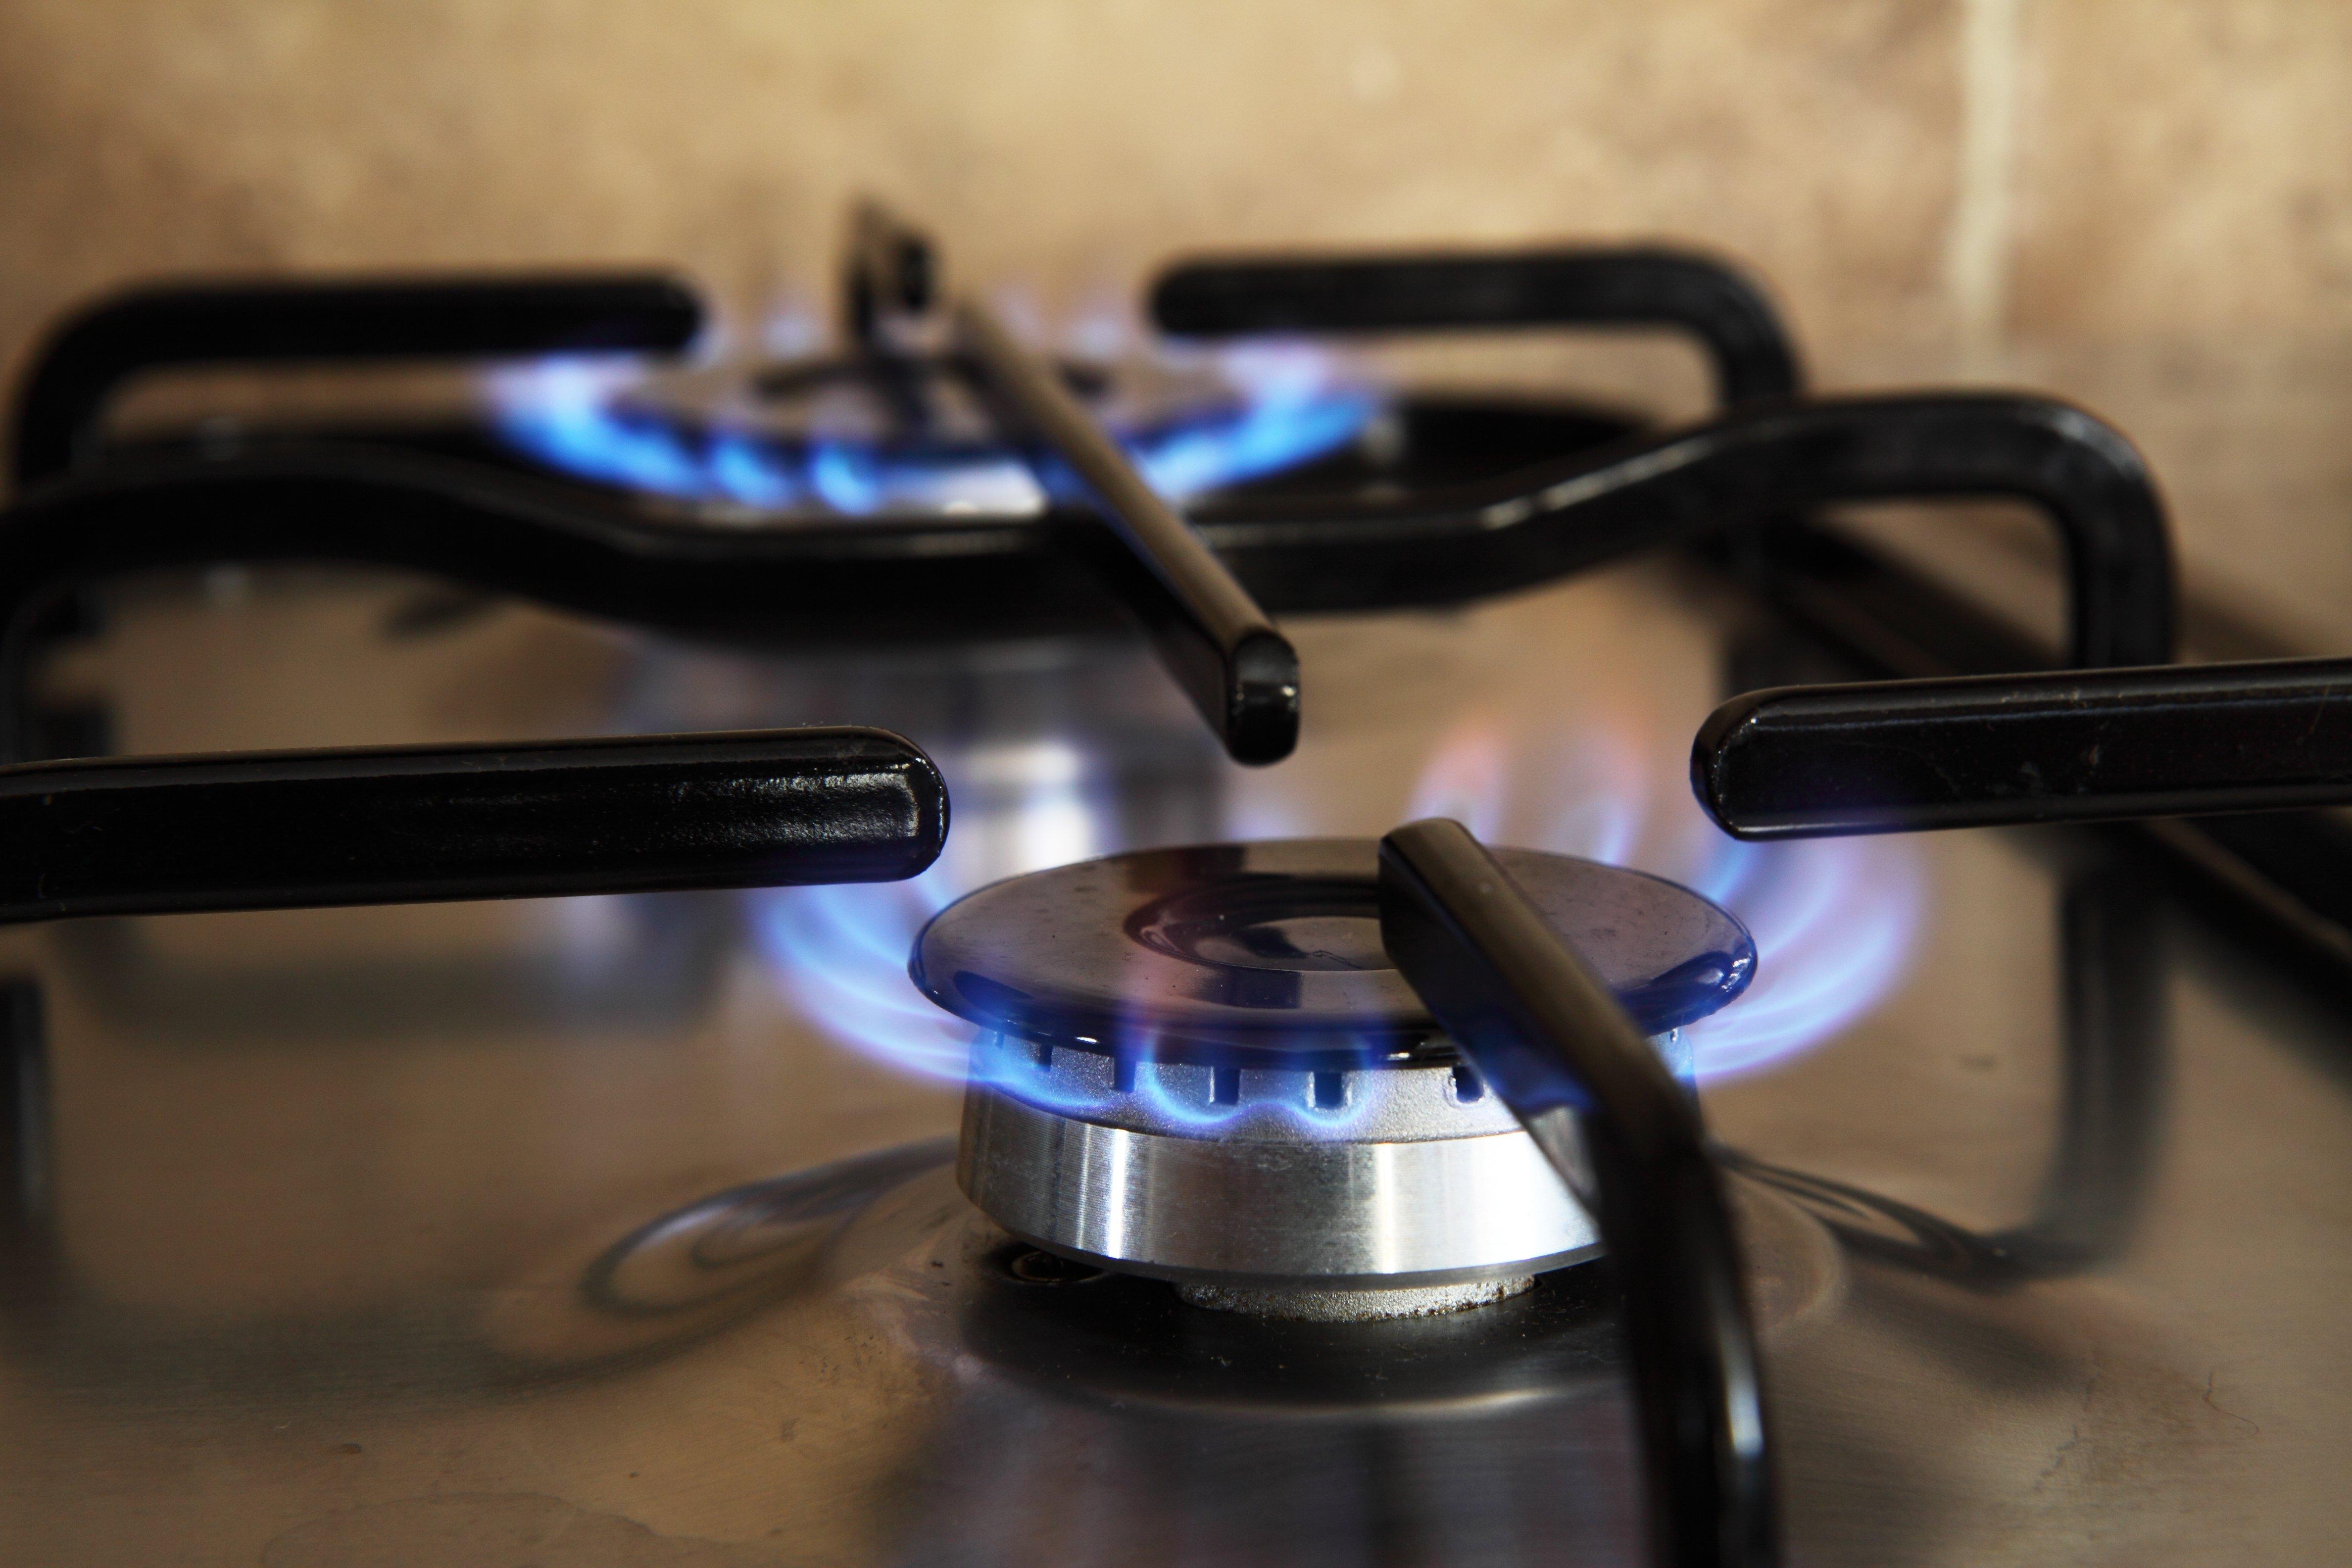 Cahaya Memasak Alam Dapur Api Panas Energi Kompor Alat Membakar Kekuasaan Kacamata